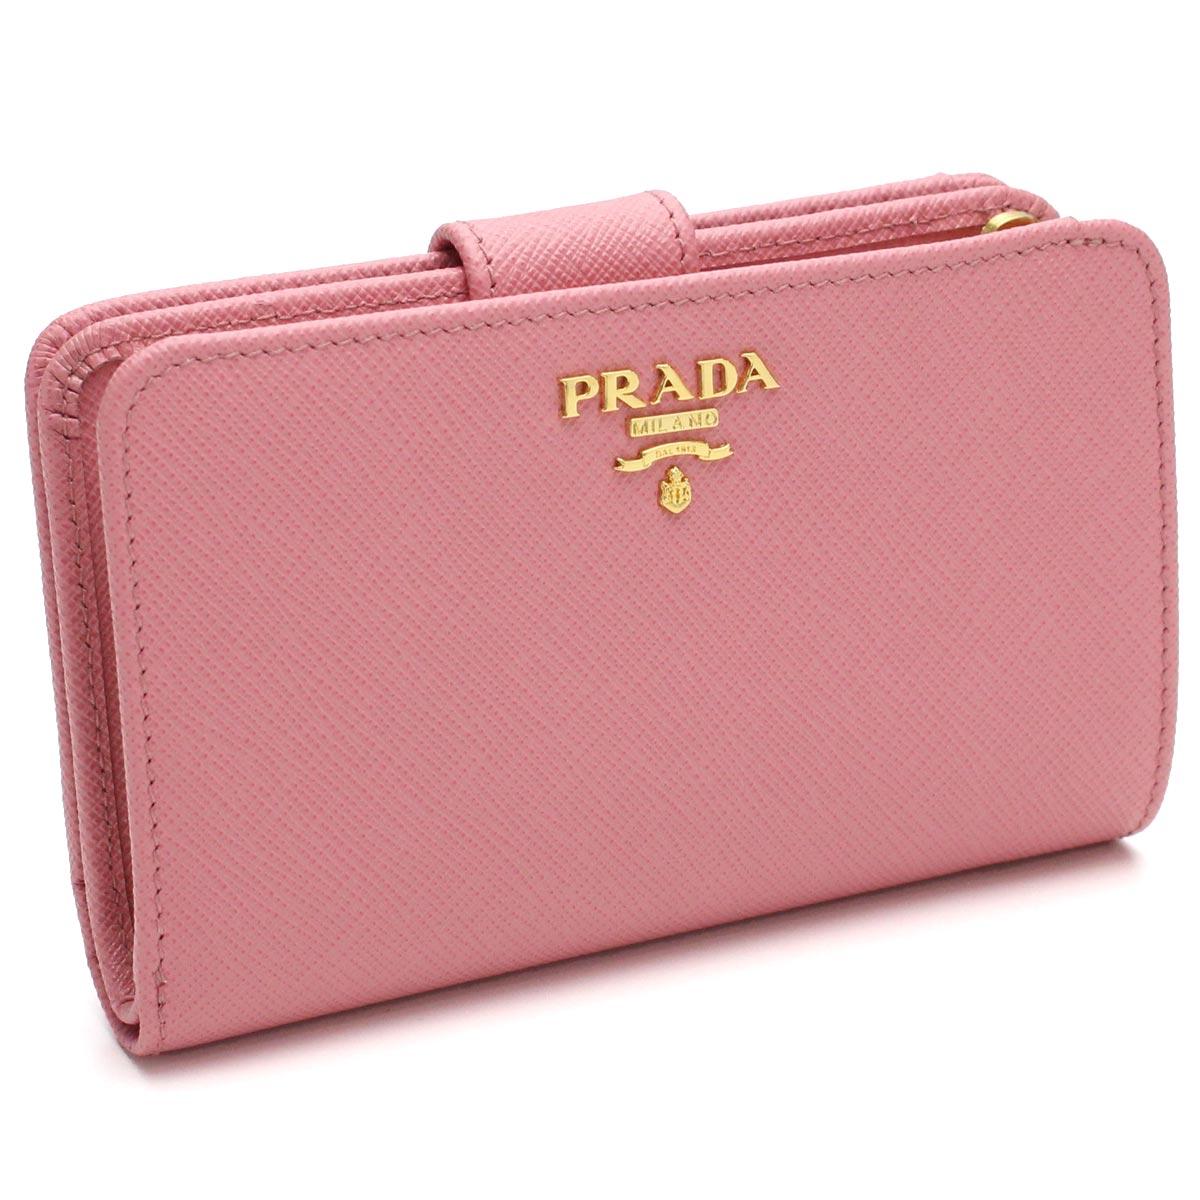 プラダ PRADA 財布 二つ折り 小銭入付き 1ML225 QWA F0442 PETALO ピンク系 レディース【キャッシュレス 5% 還元】